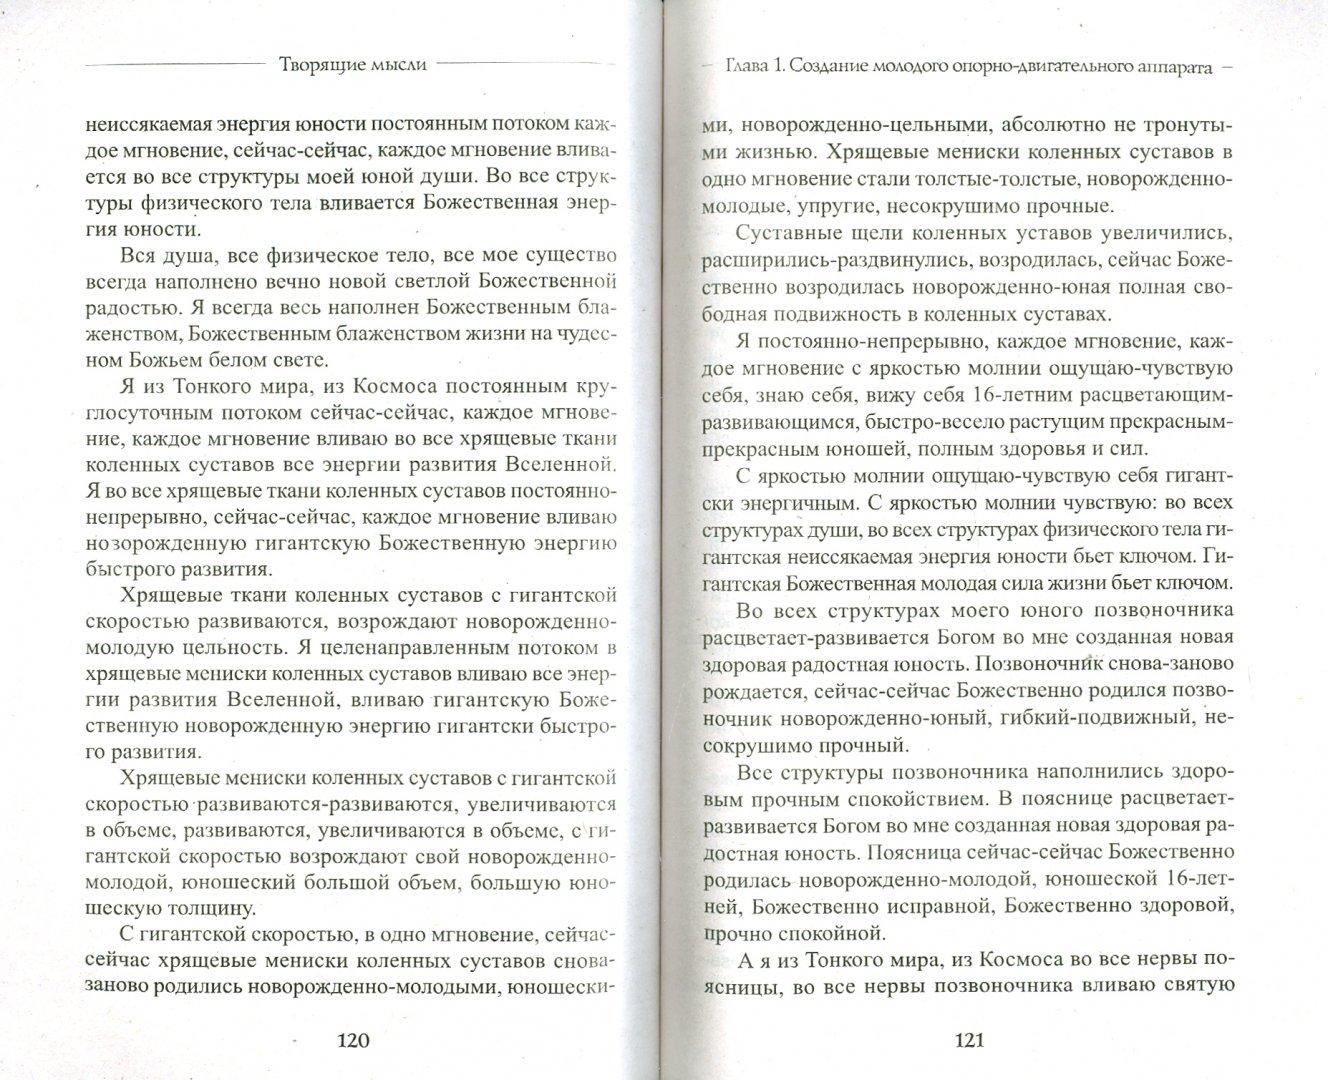 Иллюстрация 1 из 5 для Создание молодого опорно-двигательного аппарата - Георгий Сытин   Лабиринт - книги. Источник: Лабиринт